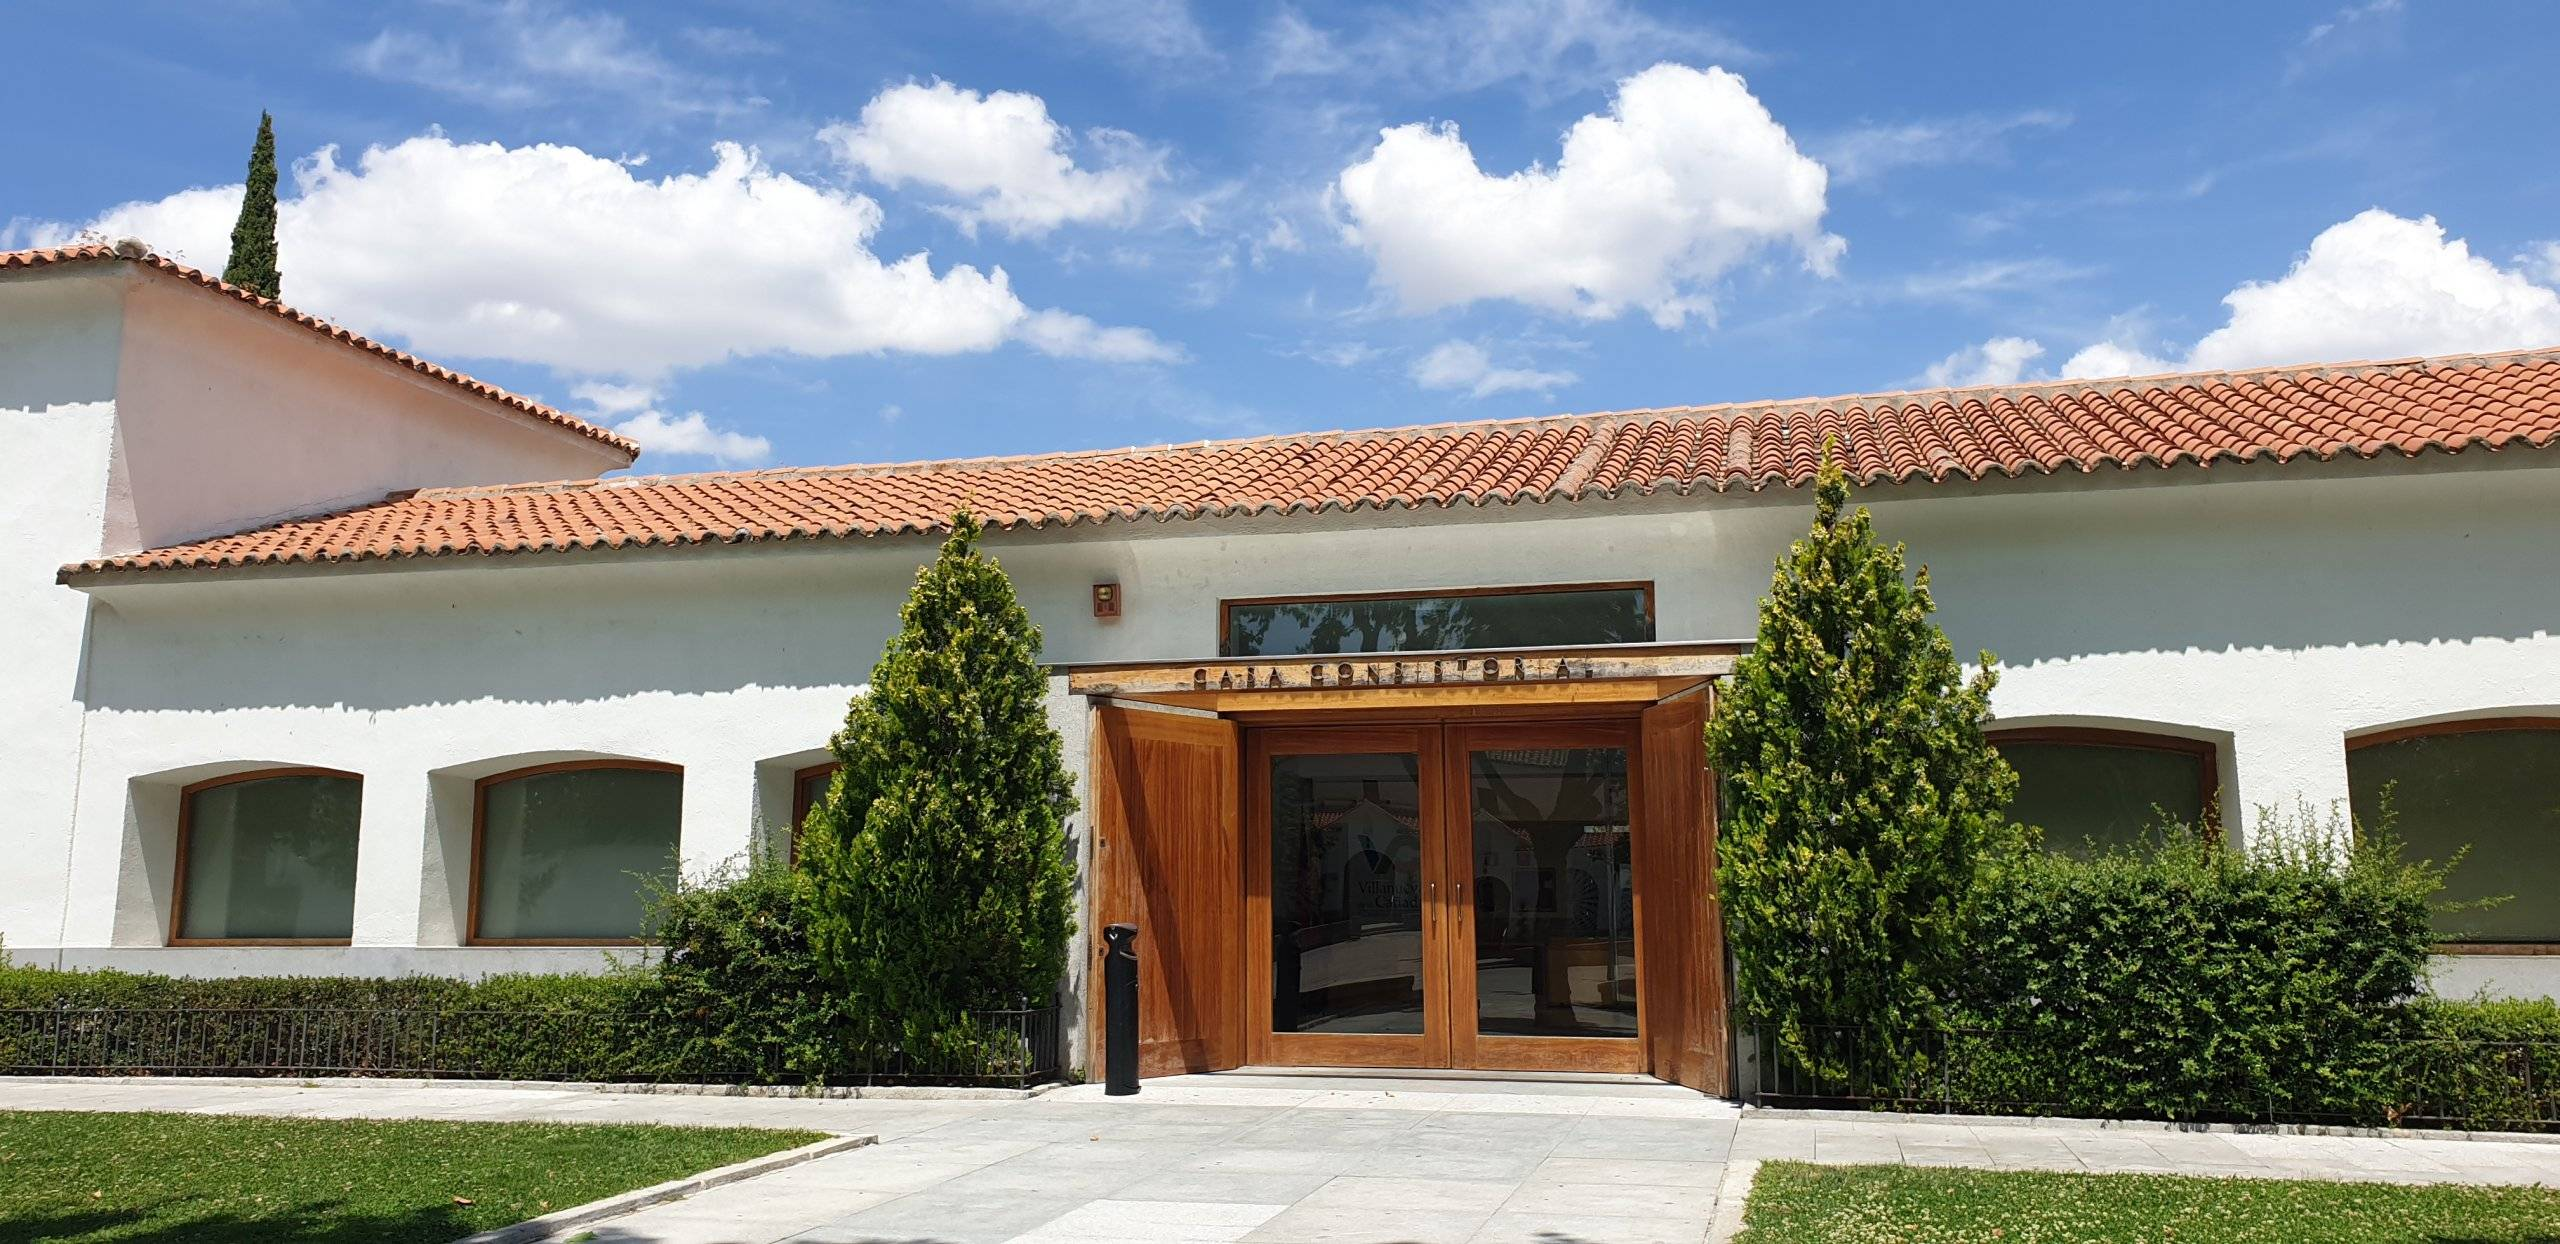 Puerta de acceso edificio Casa Consistorial.